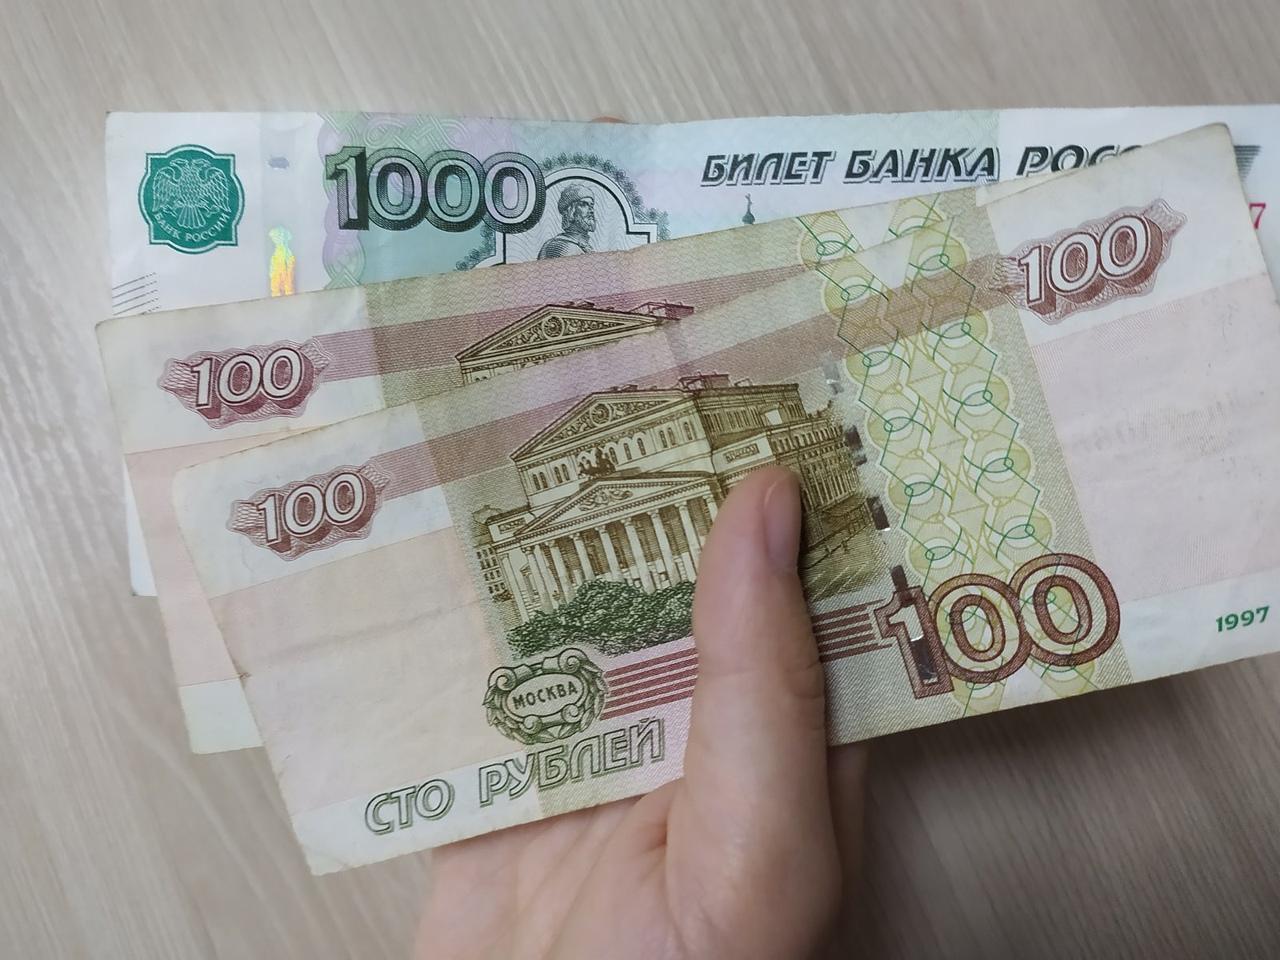 фото «Мяса хочу, котлет домашних, а беру курицу 1,5 кг на месяц»: после заявления Путина о бедности жительница Новосибирска рассказала, как живёт на пенсию 10 200 рублей 2